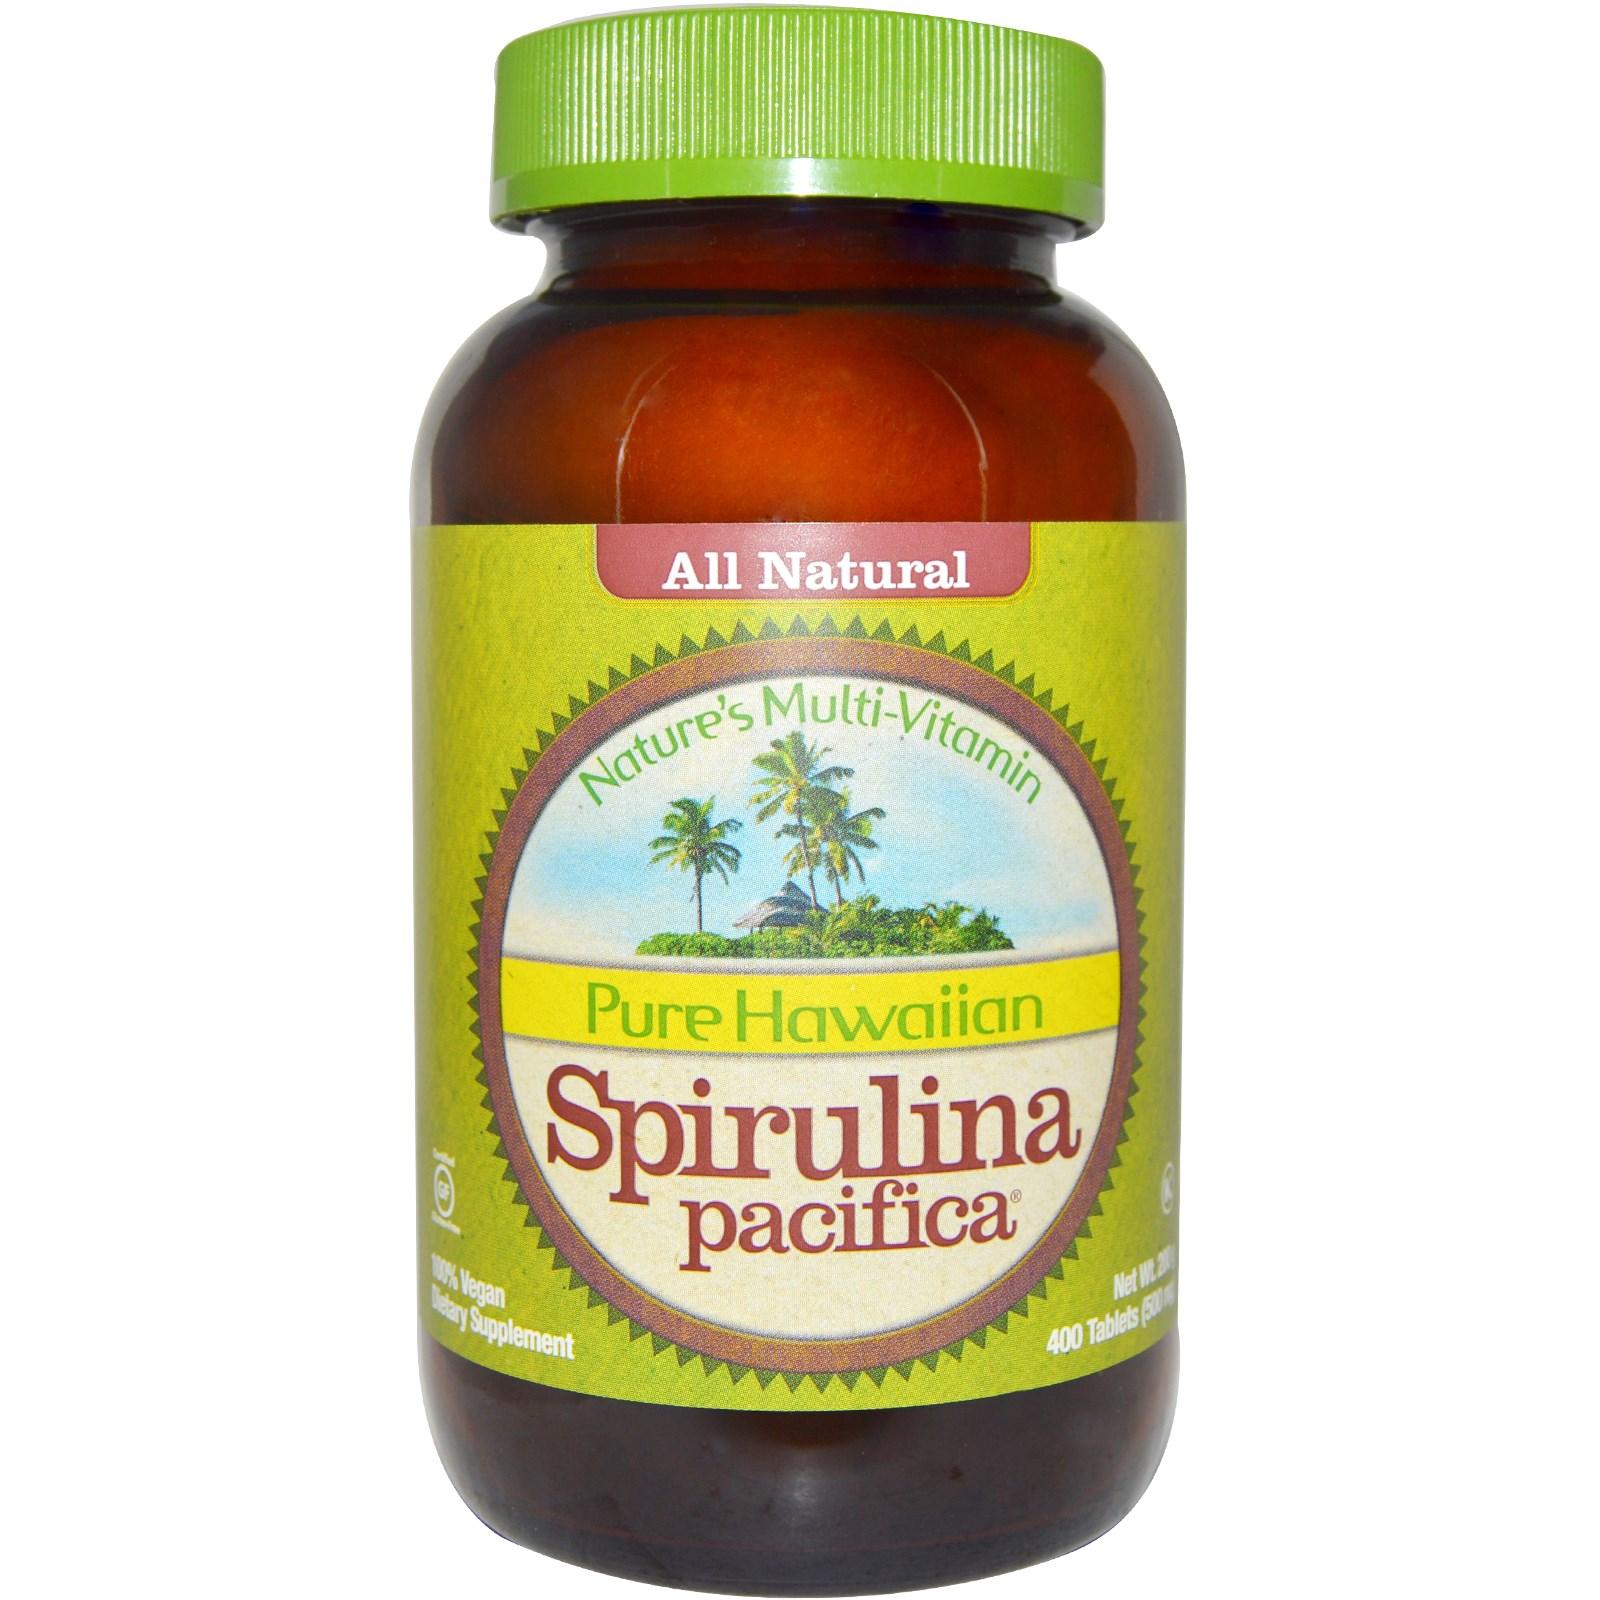 Чистая гавайская тихоокеанская спирулина, 500 мг в таблетках от Nutrex Hawaii (400 штук)